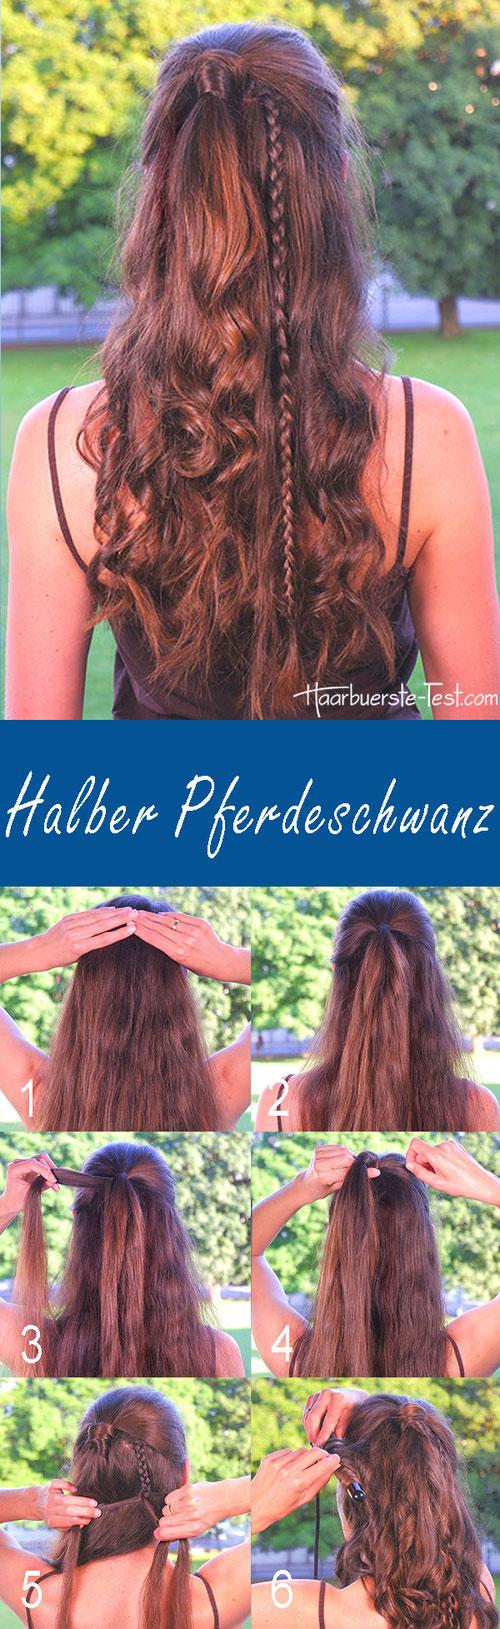 halboffene Frisur mit Locken, Halber Pferdeschwanz Anleitung